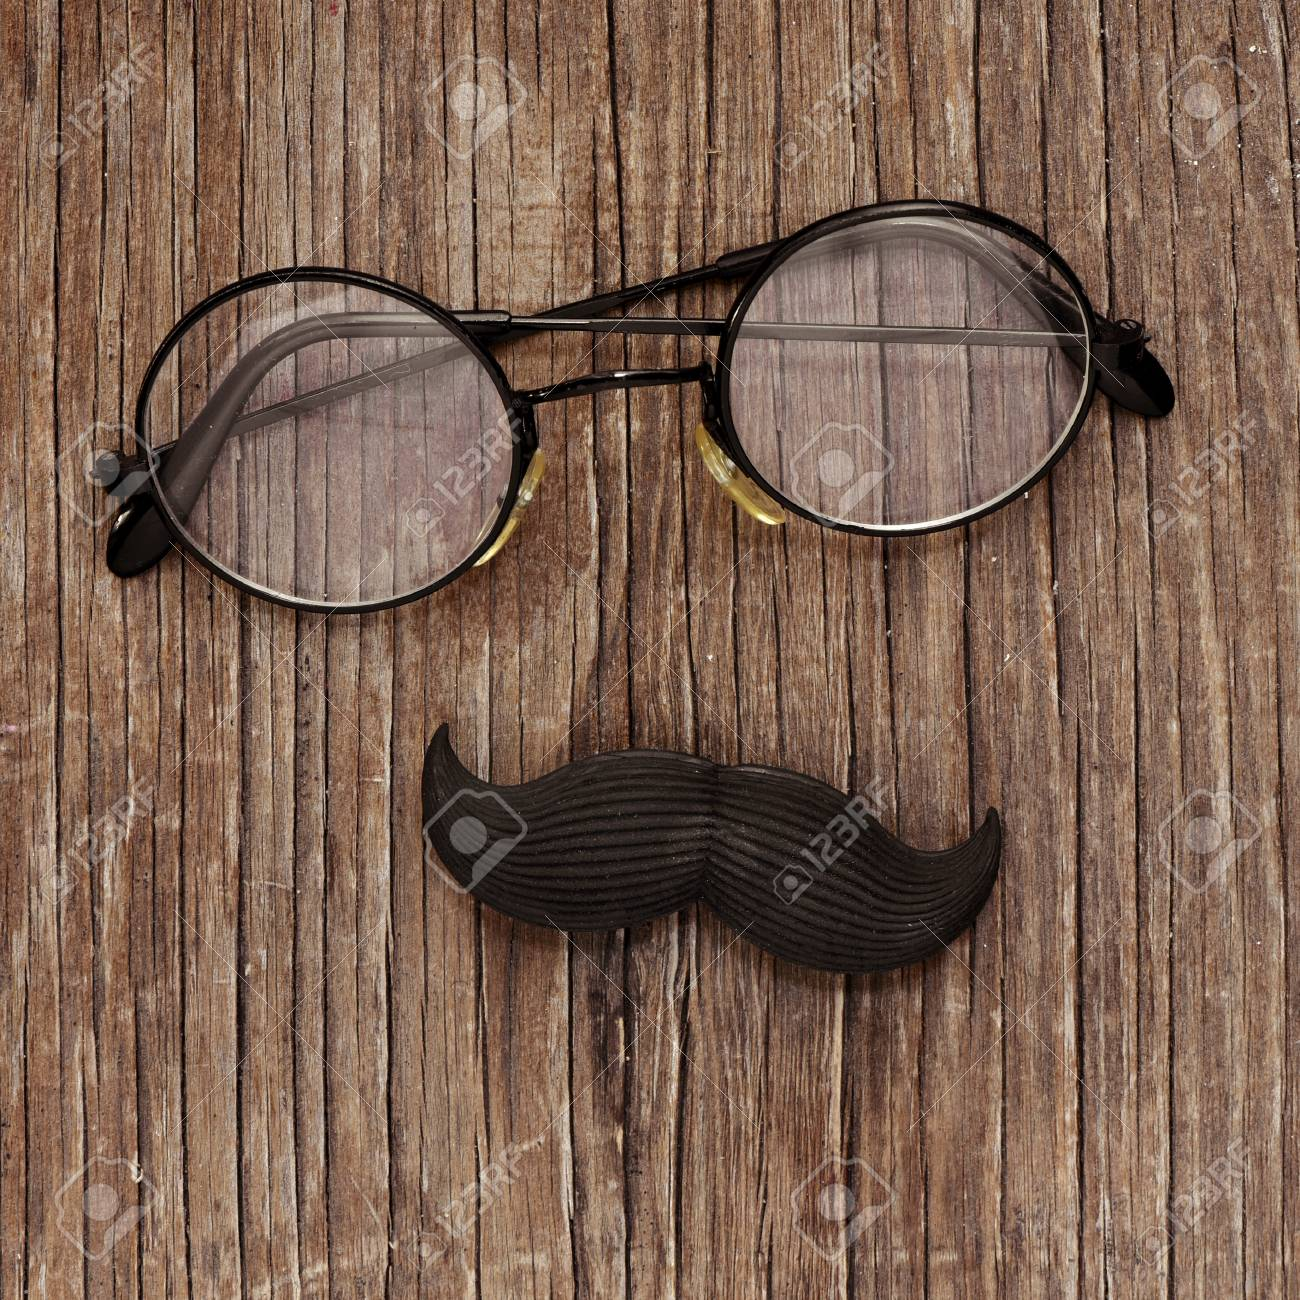 113cda34bb43ac Banque d images - Une paire de lunettes rondes-encadrée et une fausse  moustache sur une surface en bois rustique, représentant un visage de  l homme